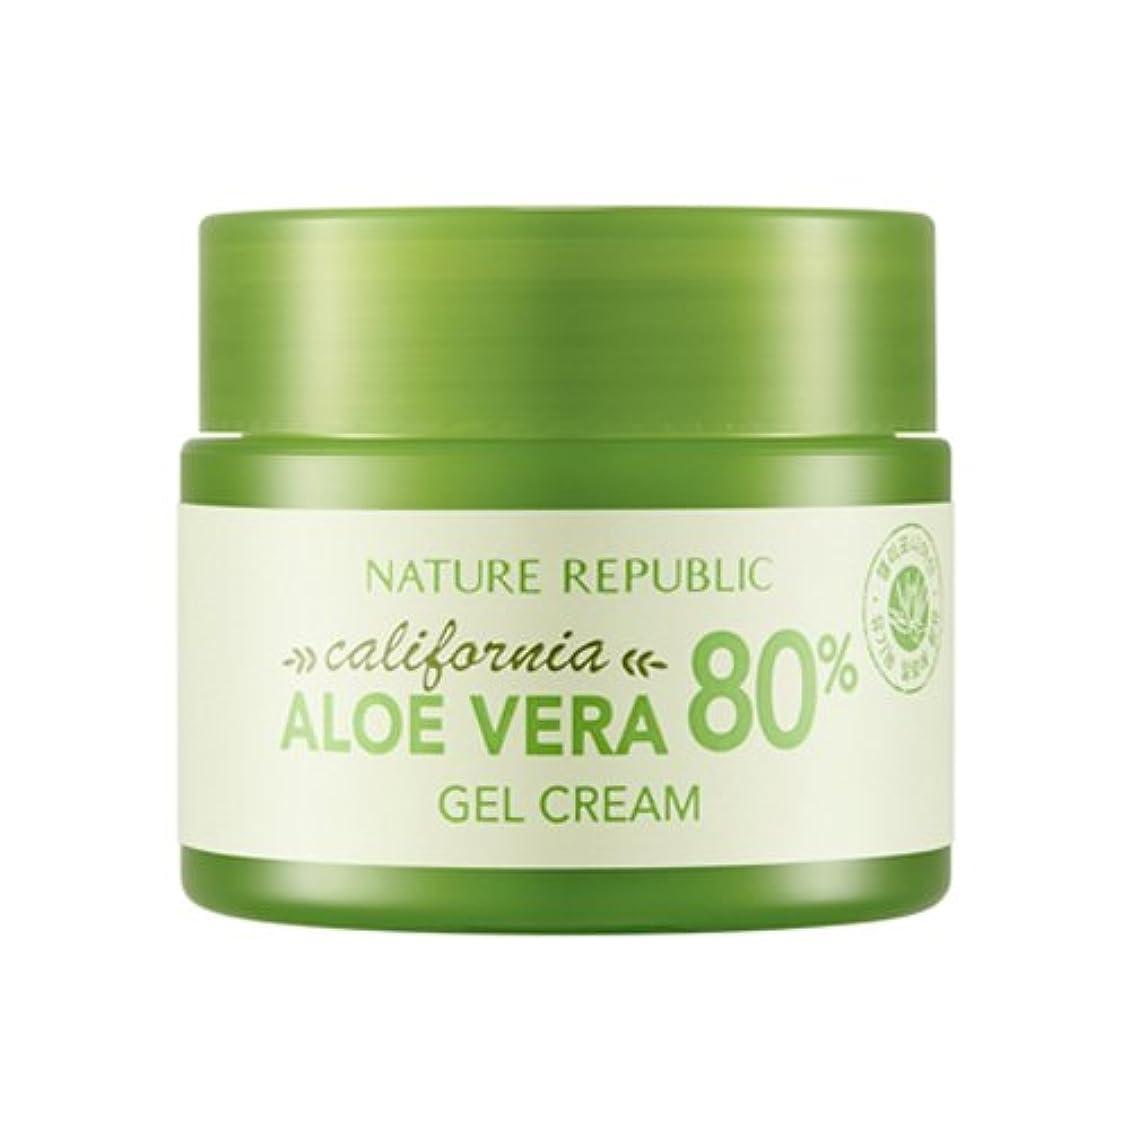 オフセットウェーハ深さ[ネイチャーリパブリック] Nature Republic カリフォルニアアロエベラ80%のゲルクリーム California Aloe Vera 80% Gel Cream [並行輸入品]